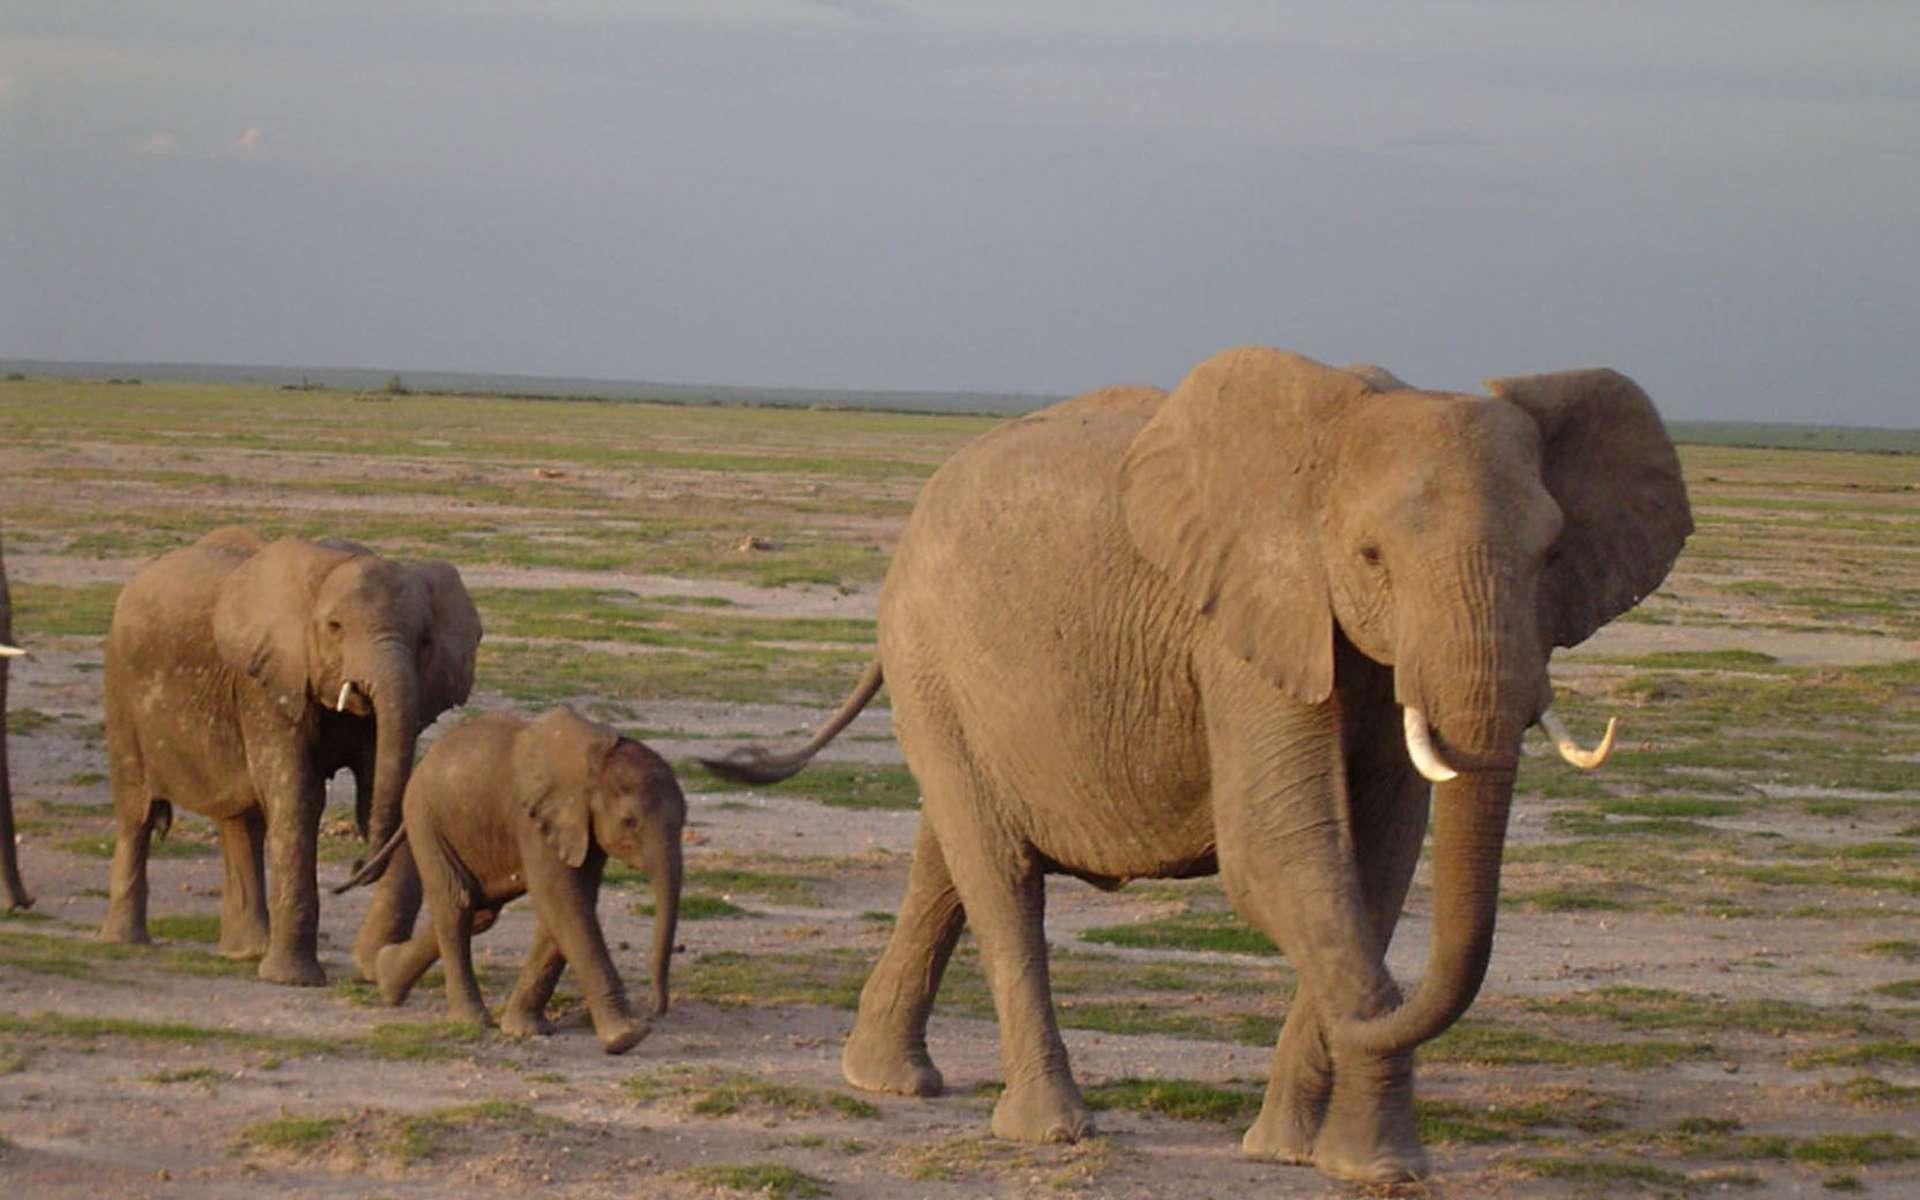 Les infrasons sont couramment utilisés par les éléphants, notamment par les femelles dominantes lorsqu'elles guident leur groupe ou lorsqu'une mère veut surveiller et garder sa progéniture à distance. Ces éléphants d'Afrique ont été photographiés à l'Amboseli National Park, au Kenya. © Angela S. Stoeger